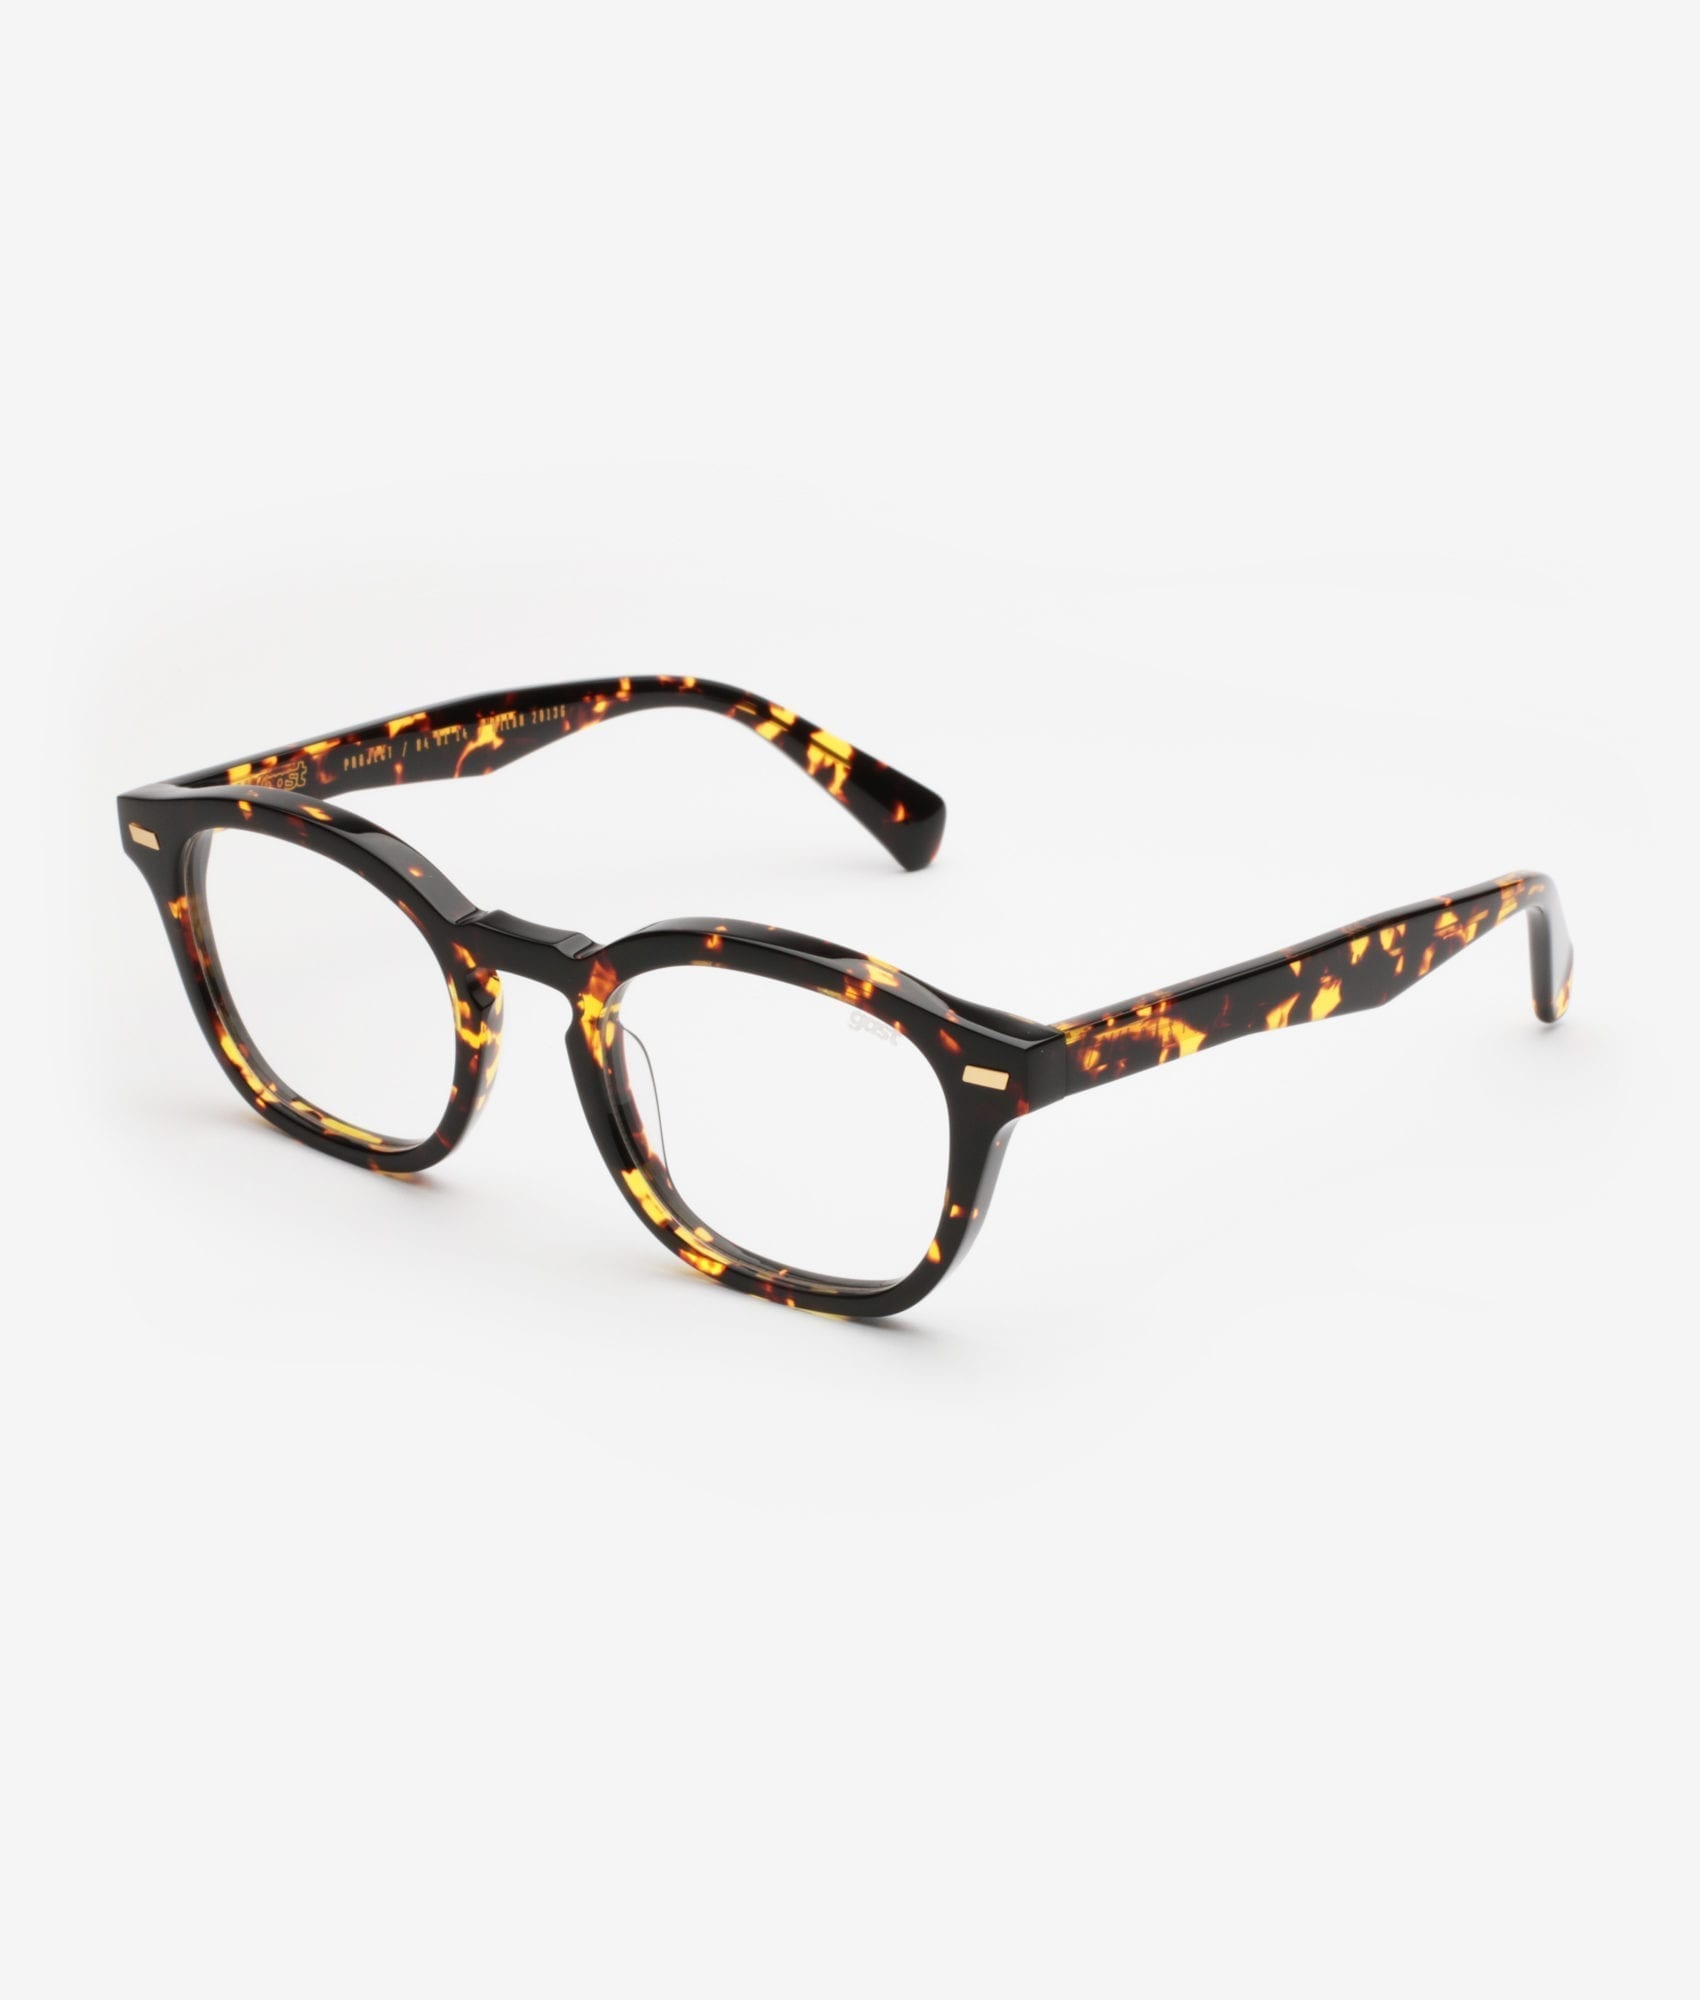 Lus Havana Flame Gast eyewear